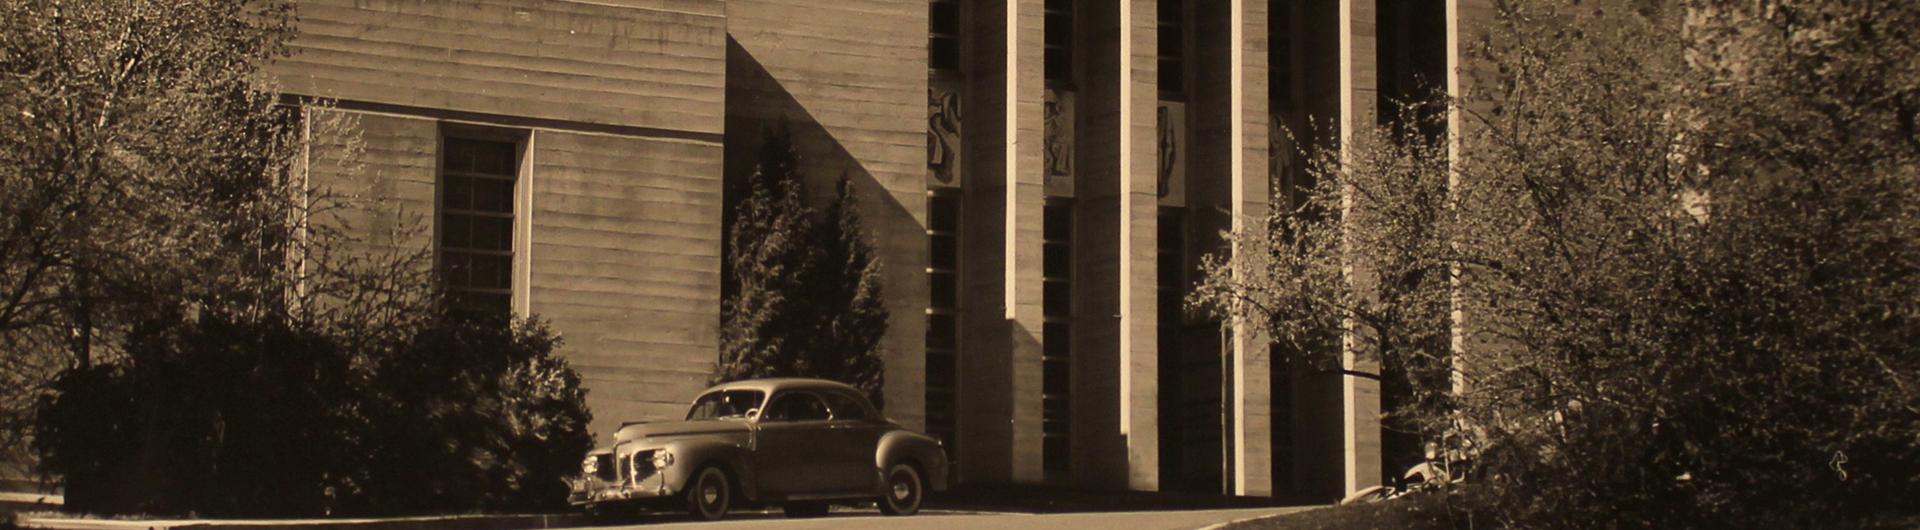 Broadmoor Art Academy and it's legacy